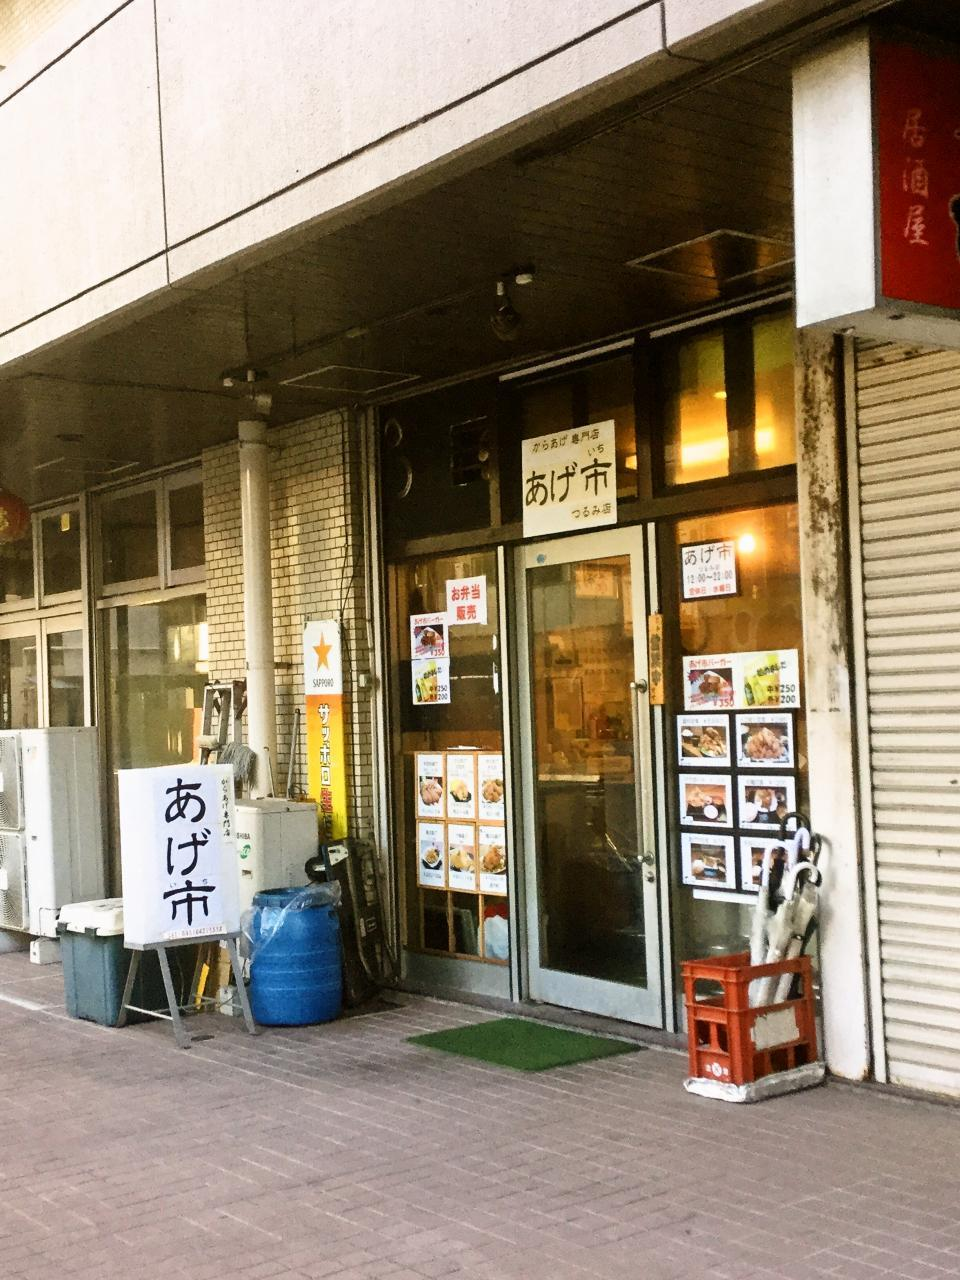 あげ市 鶴見店(店舗)